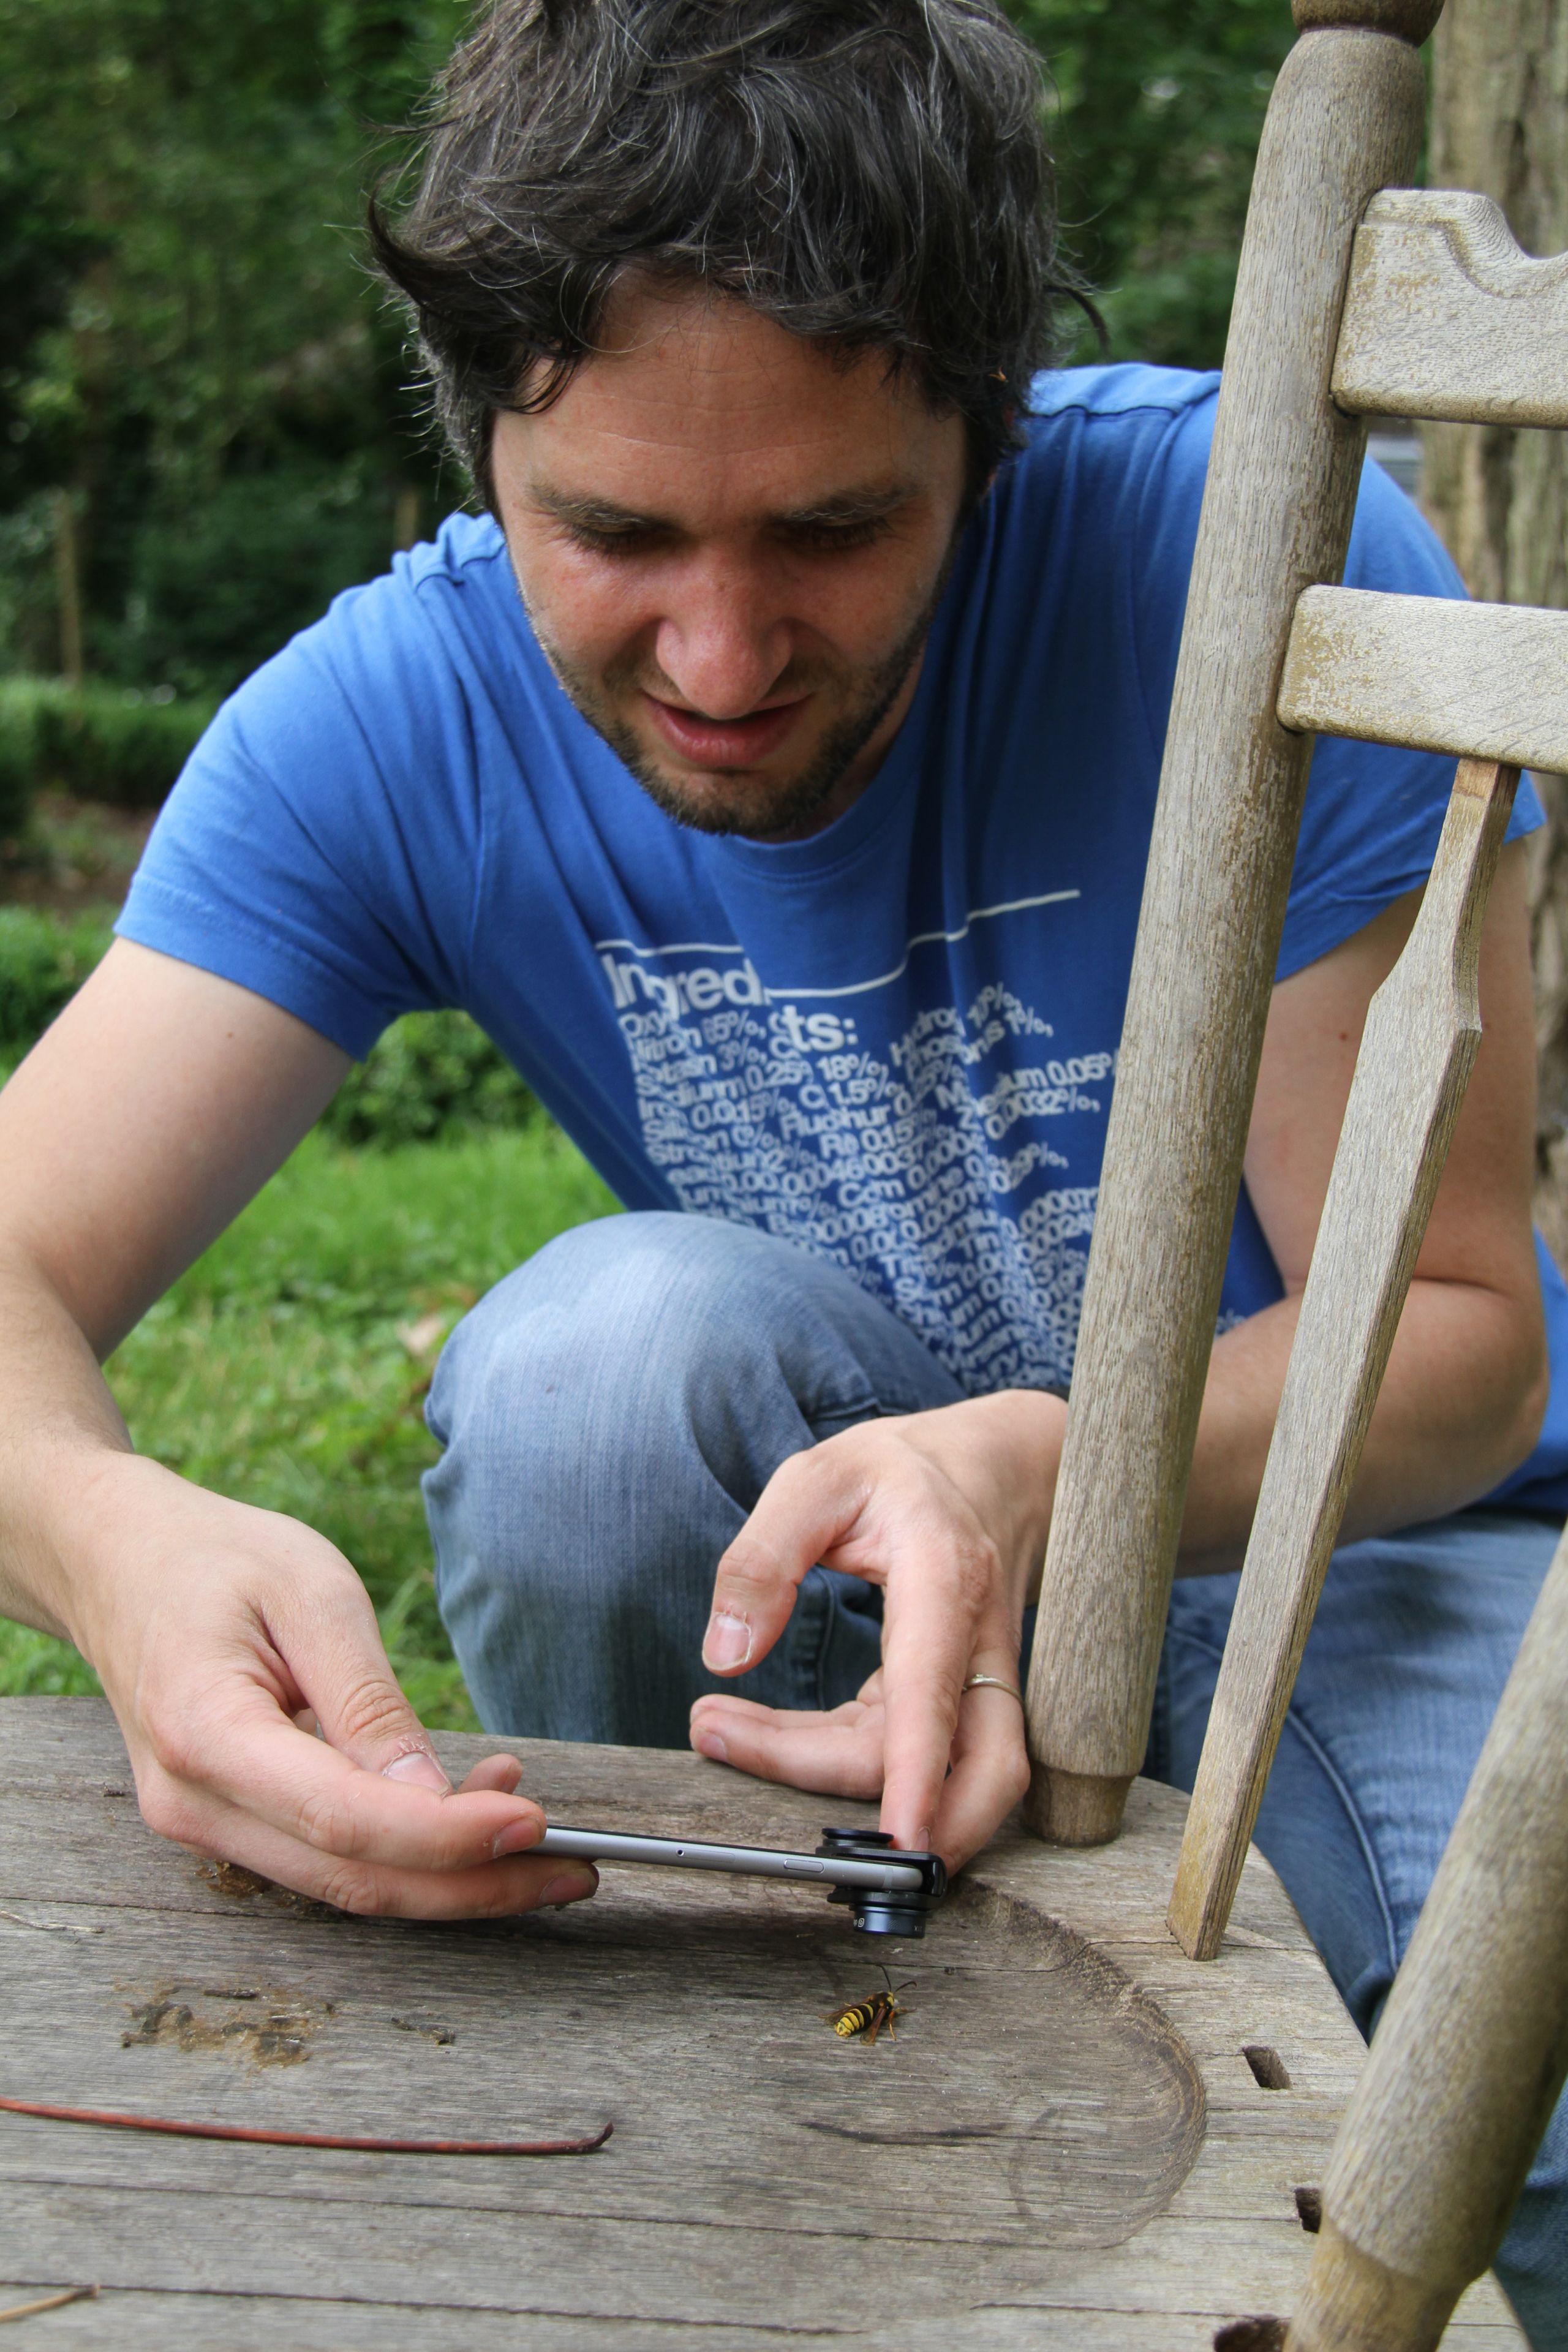 In de tuin van Lieven Scheire: aan de slag met feromonen